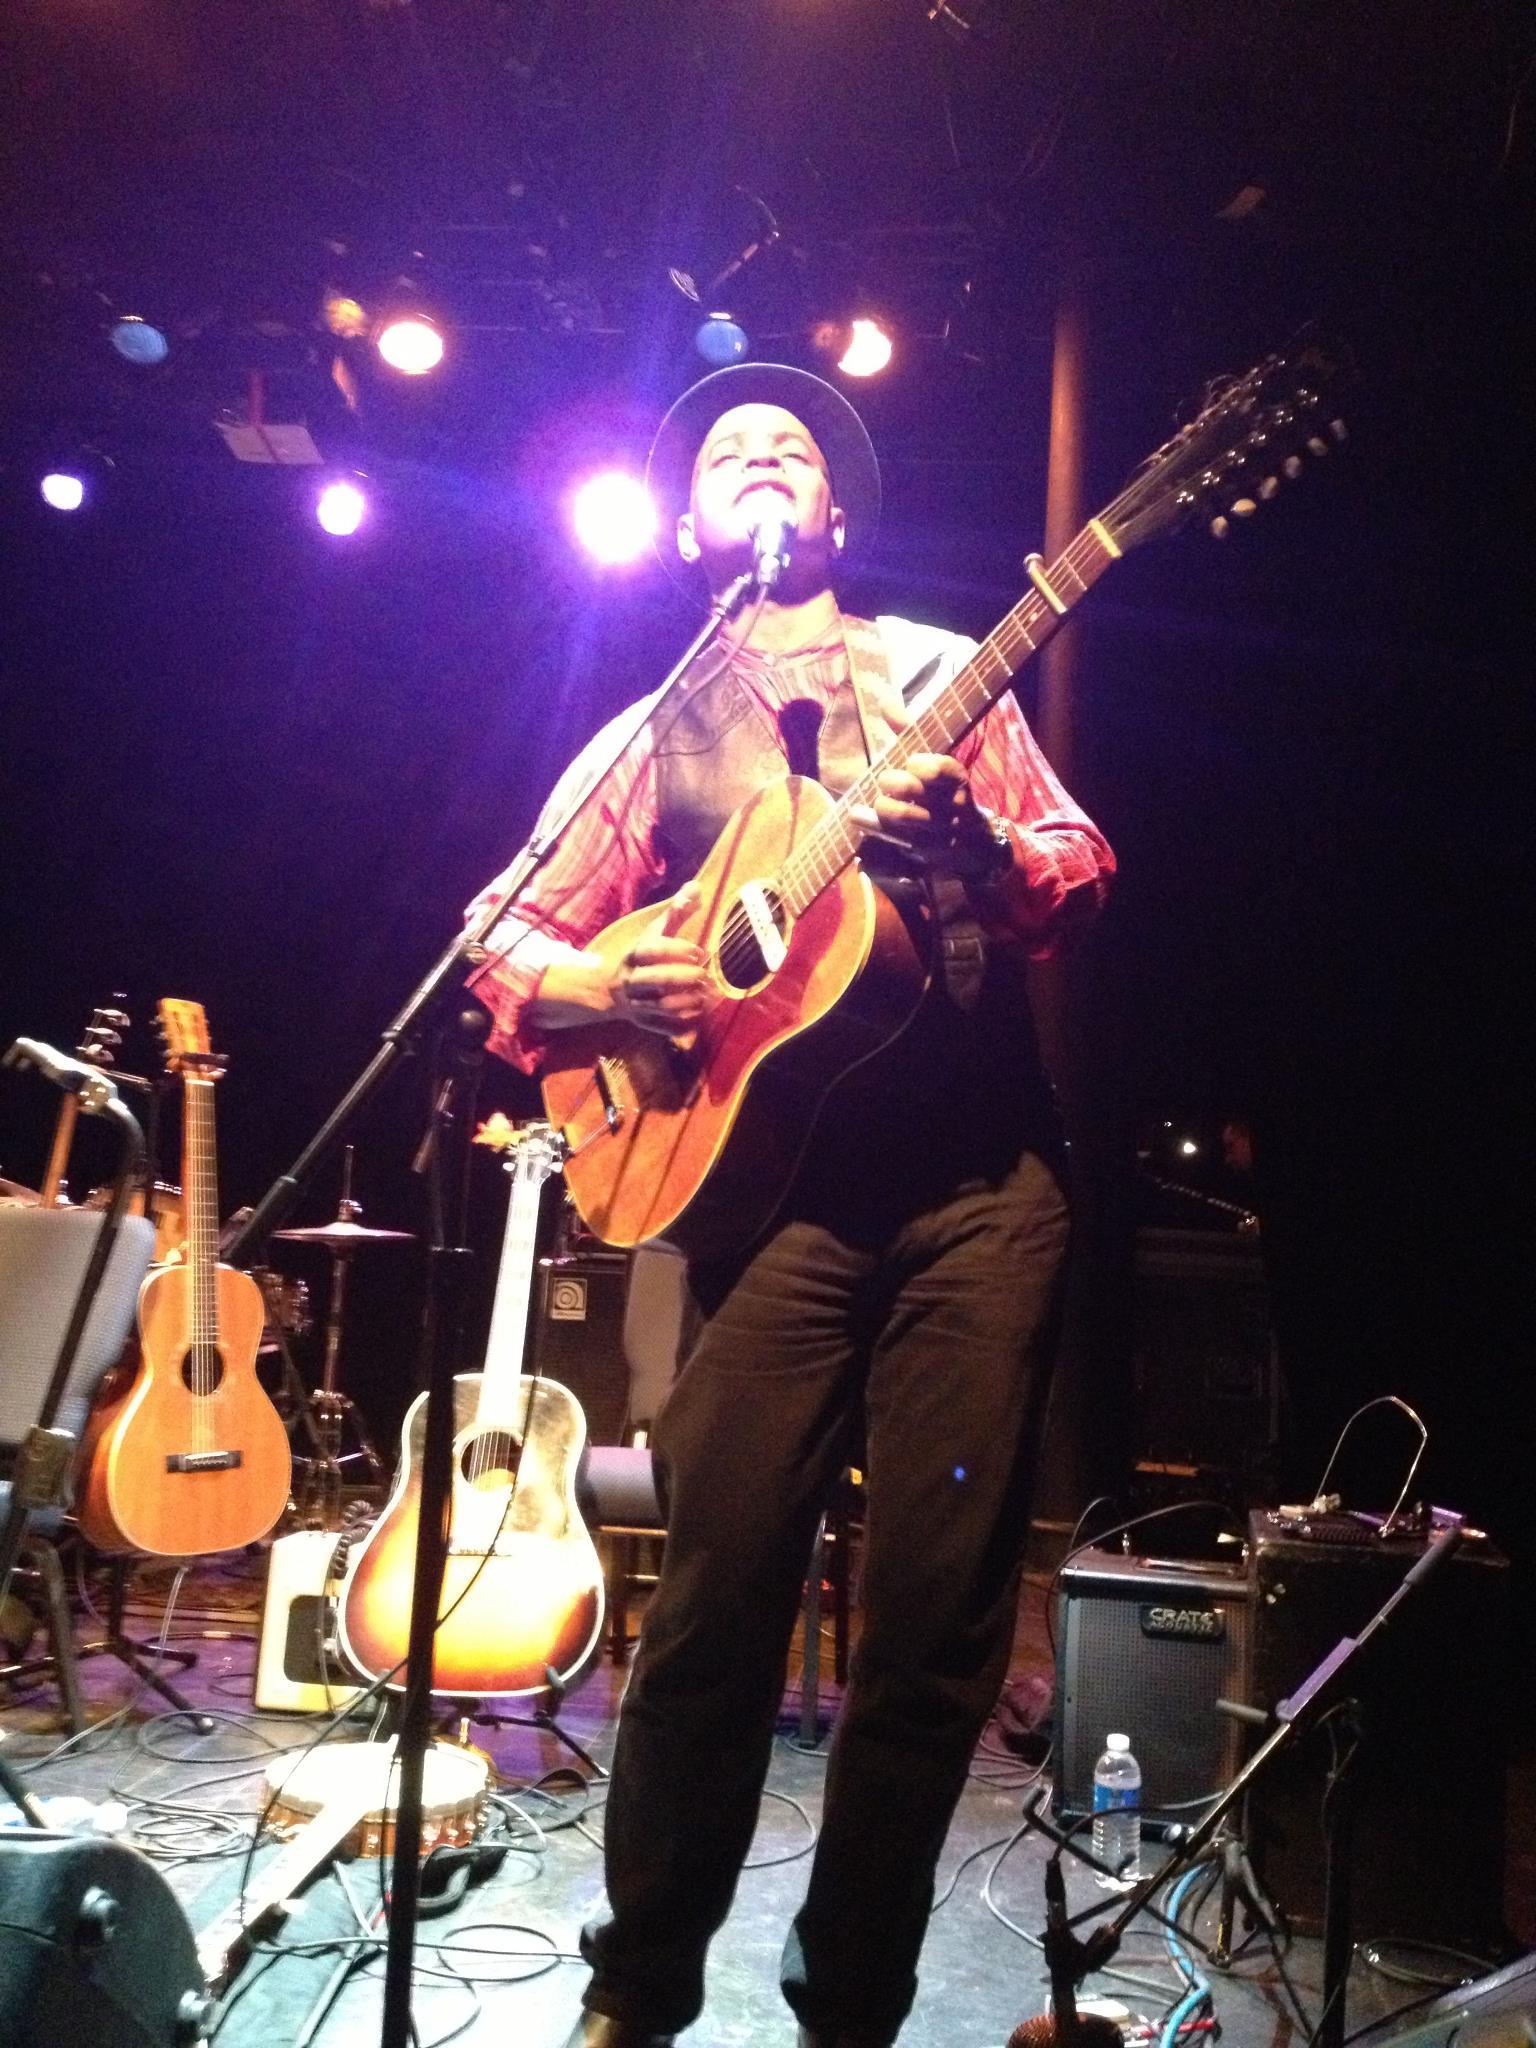 Guy Davis 12 string